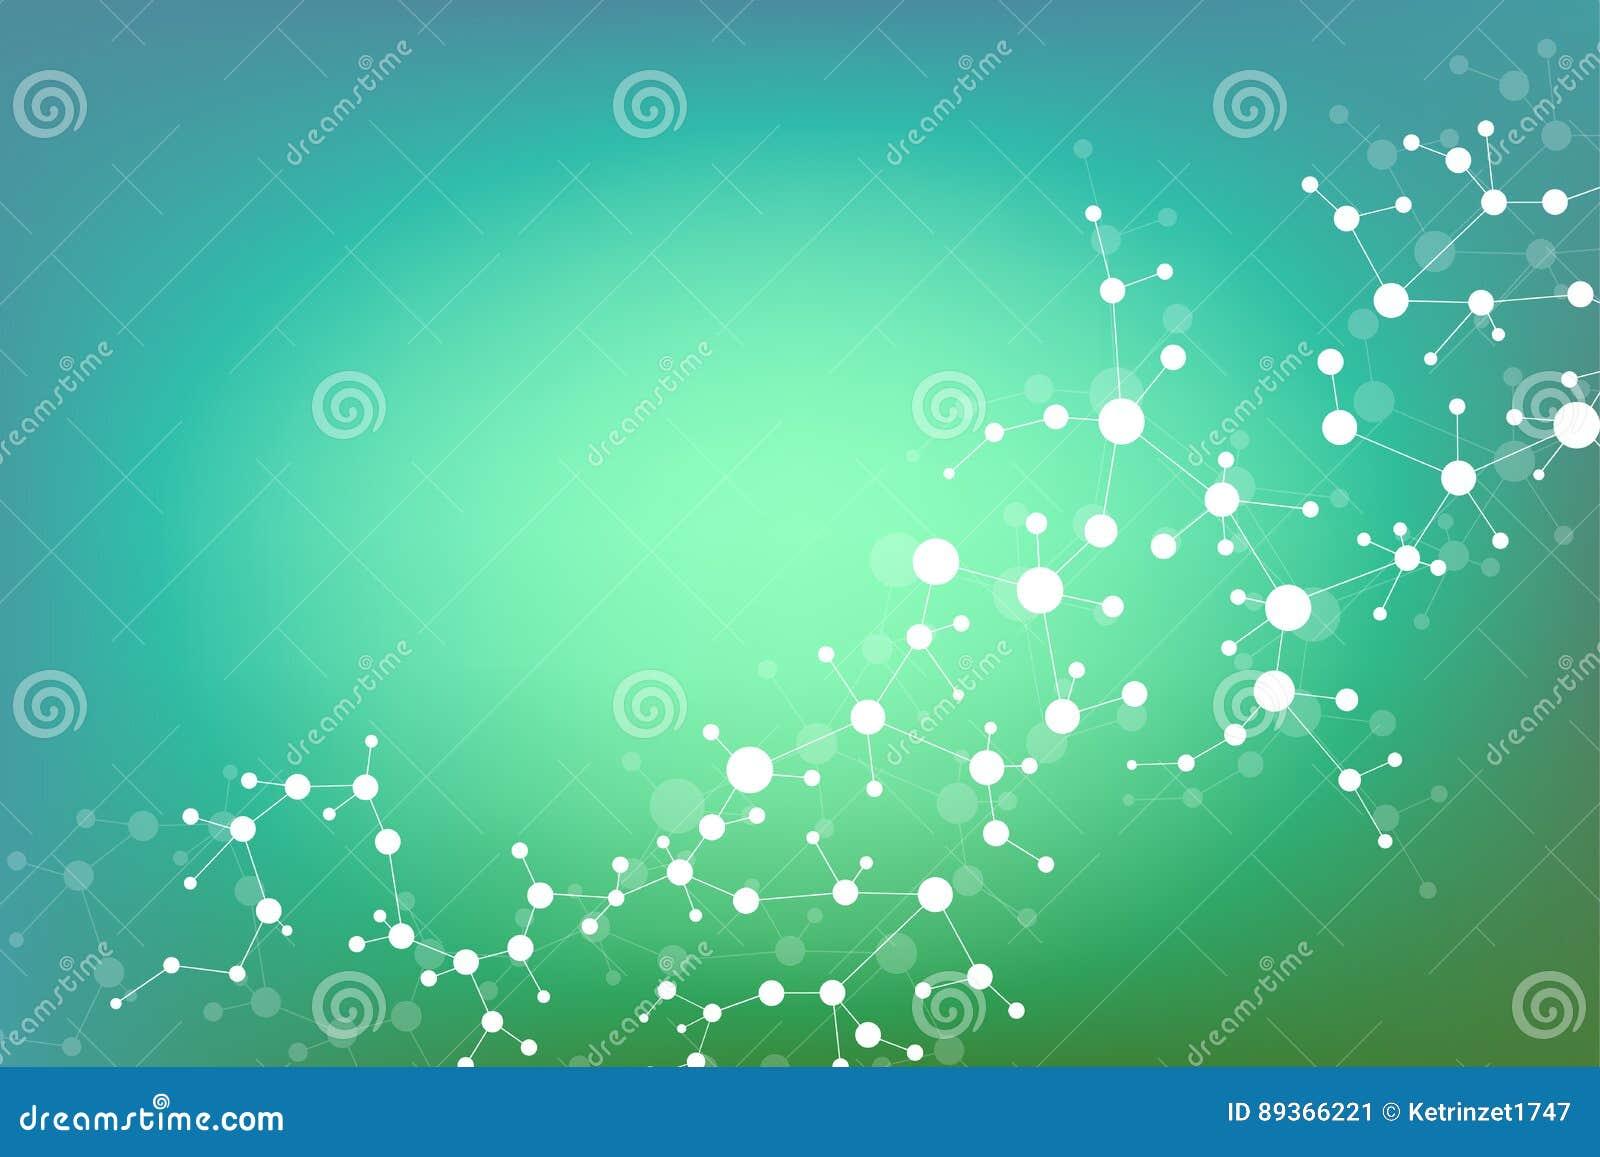 Составьте молекулу и дна связи, атом, нейроны Концепция науки для вашего дизайна Соединенные линии с точками